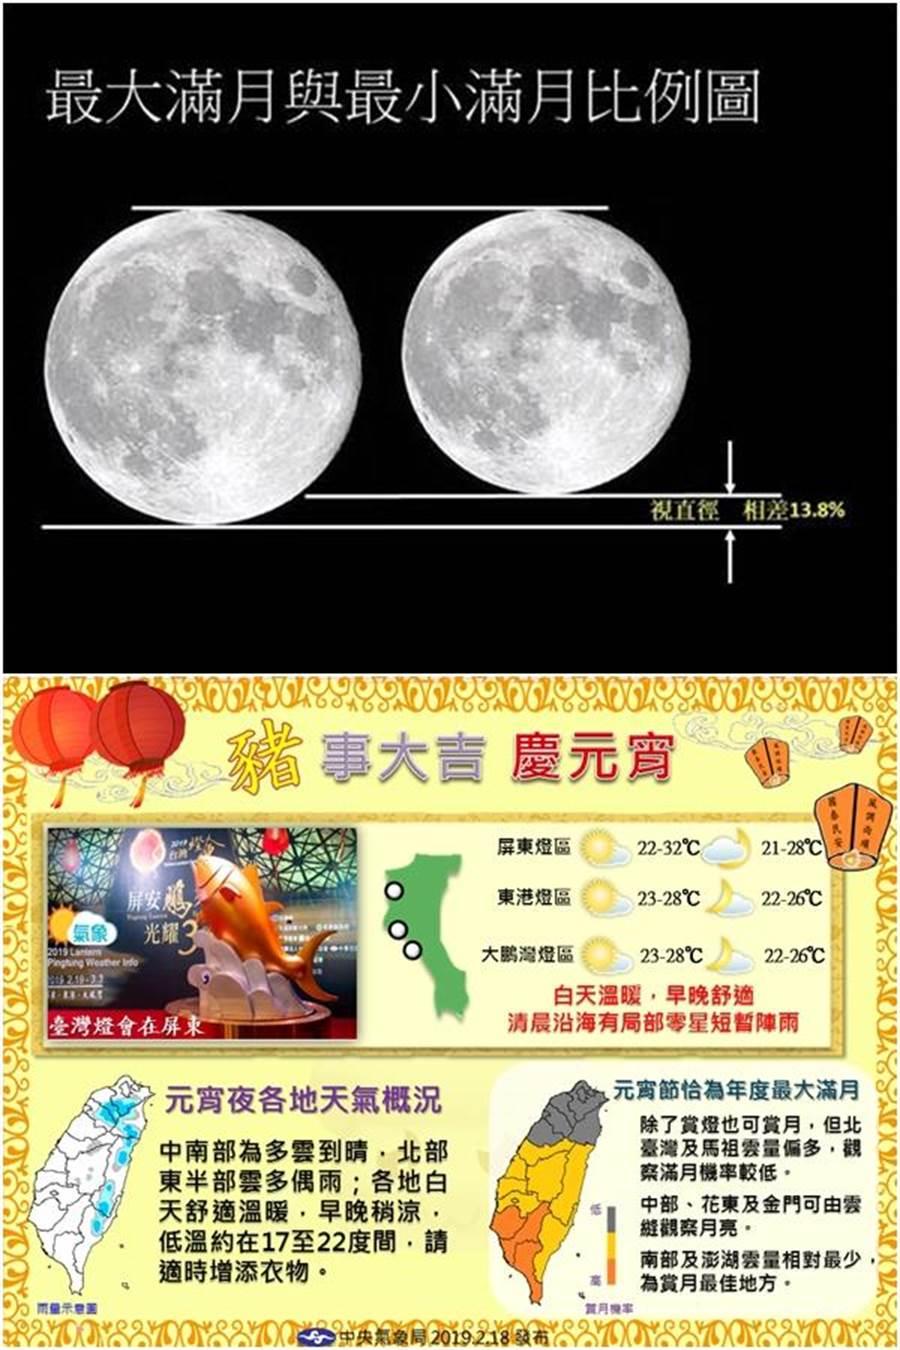 上圖:每次滿月時目視月亮的大小都不相同,氣象局做了最大、最小滿月的比較。下圖:一張圖看懂元宵節天氣與賞月機率。(圖/氣象局提供)